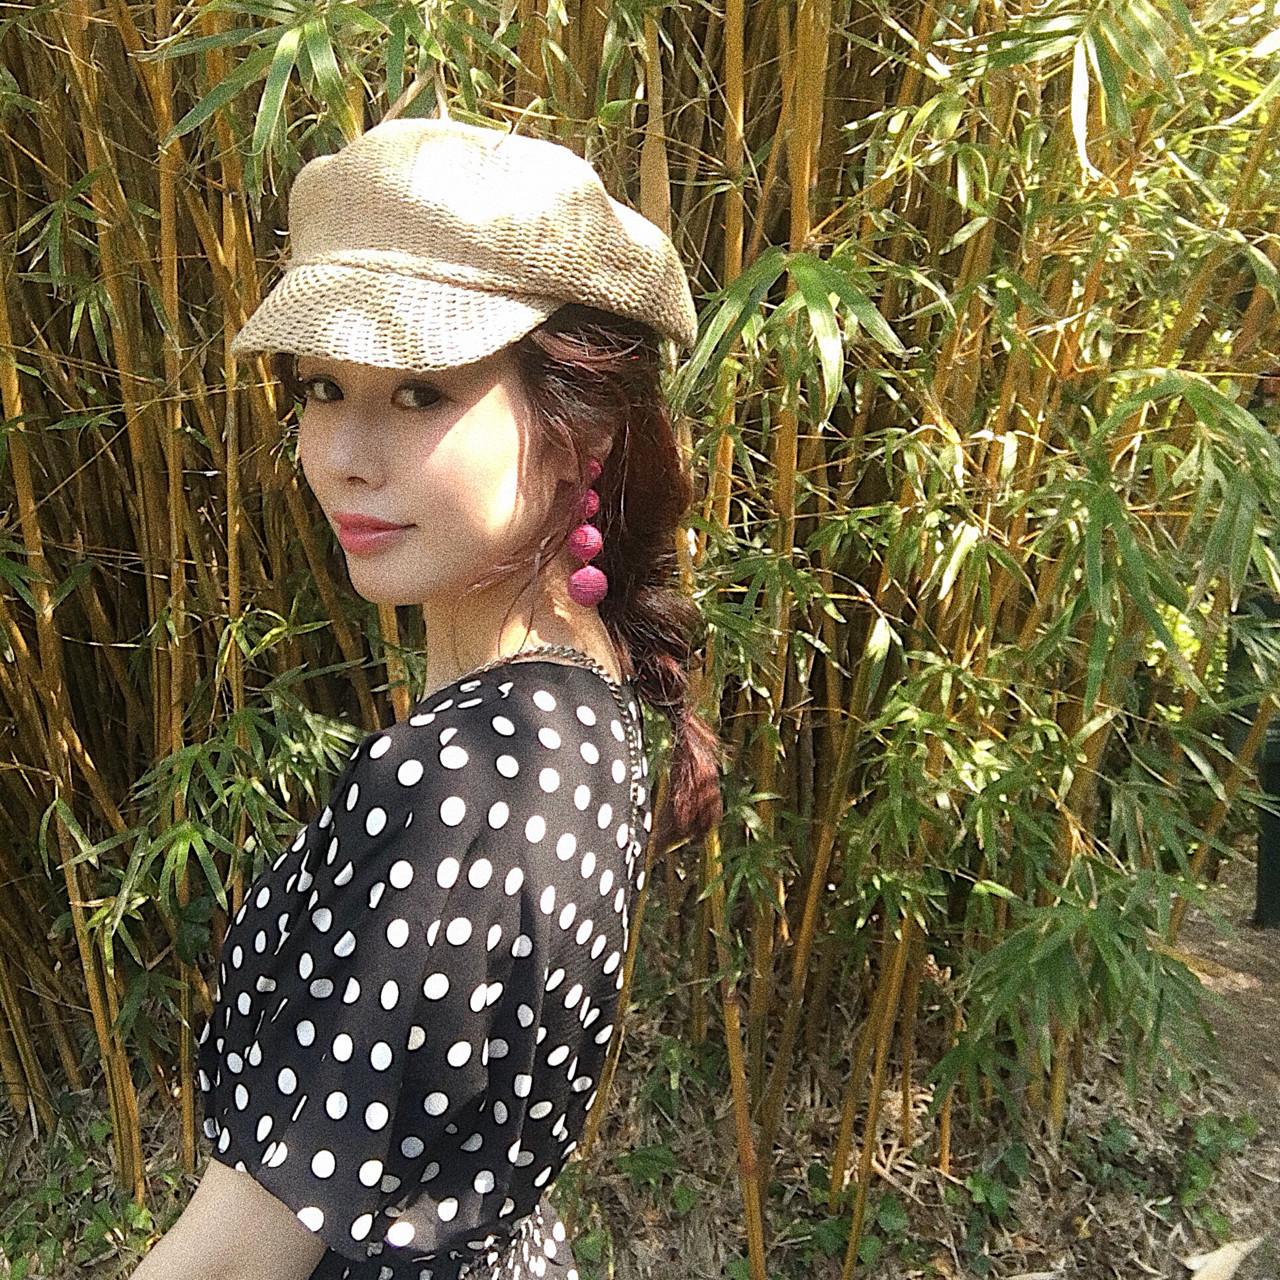 ヘアアレンジ フェミニン 大人かわいい 三つ編み ヘアスタイルや髪型の写真・画像